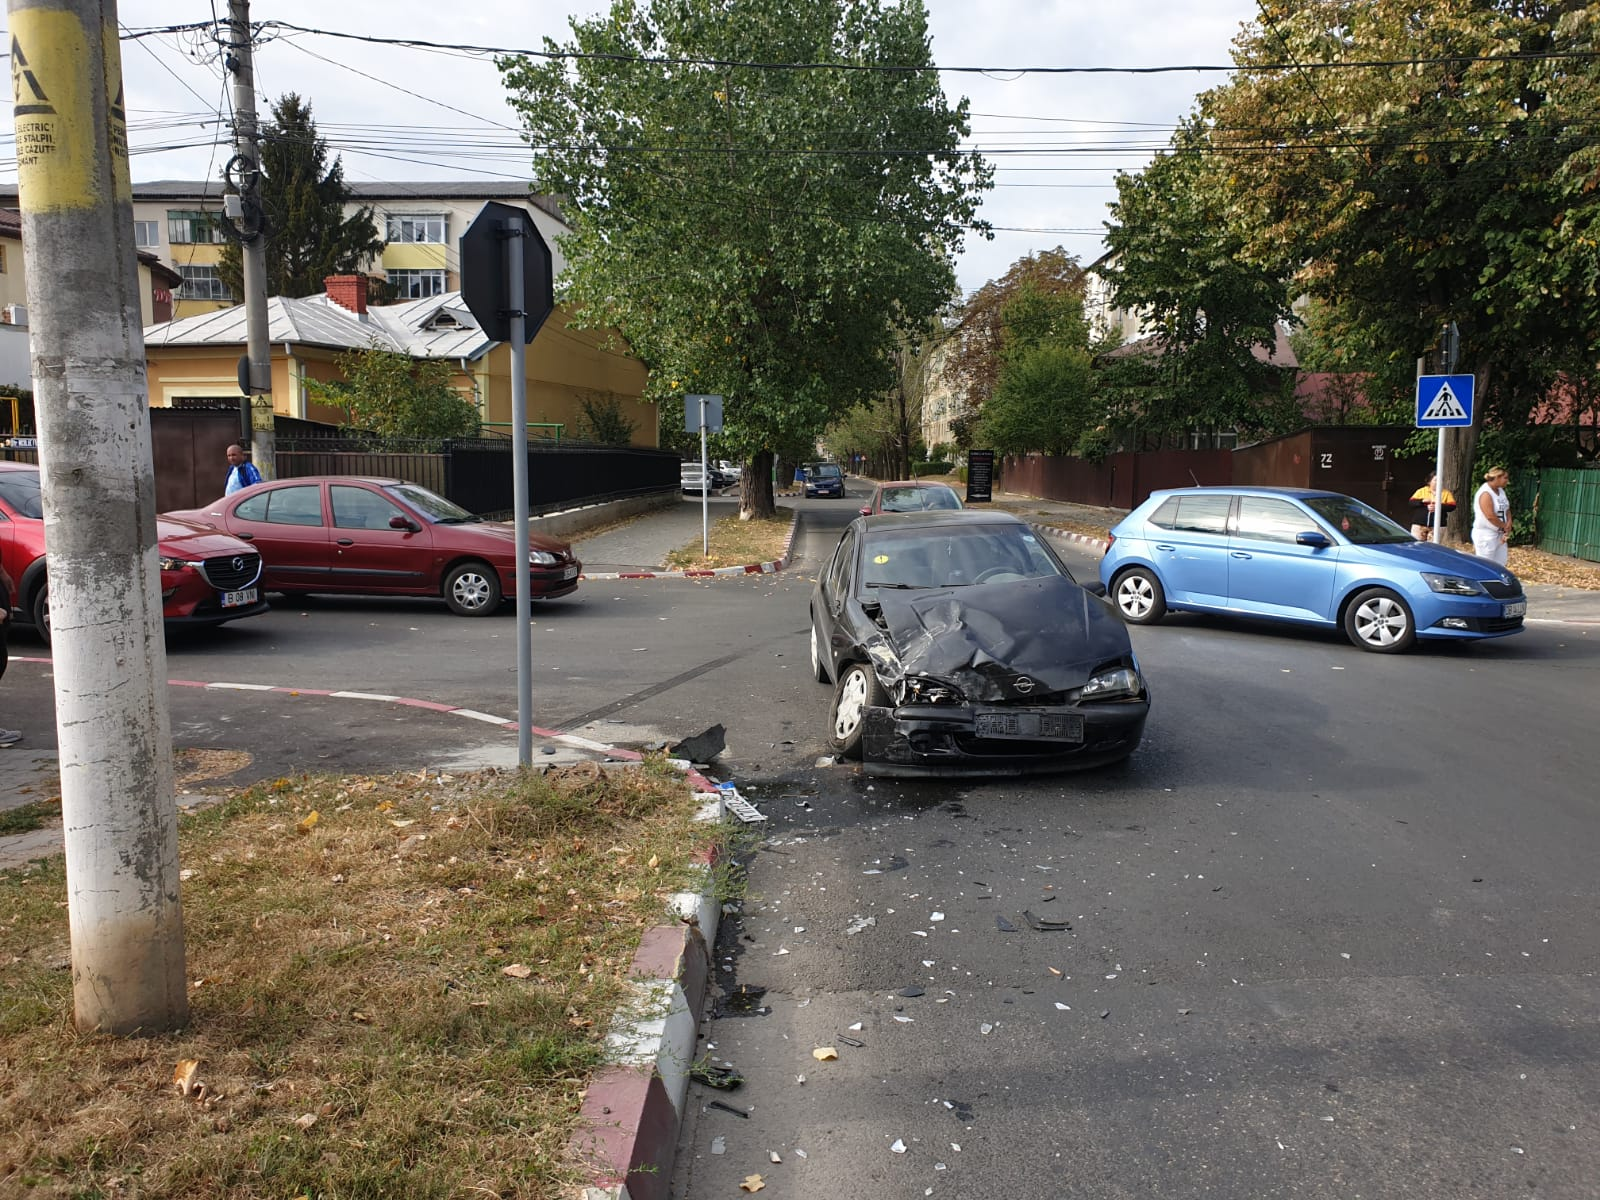 Conduceți cu grijă! Cinci accidente în mai puțin de o lună, în aceeași intersecție din municipiu